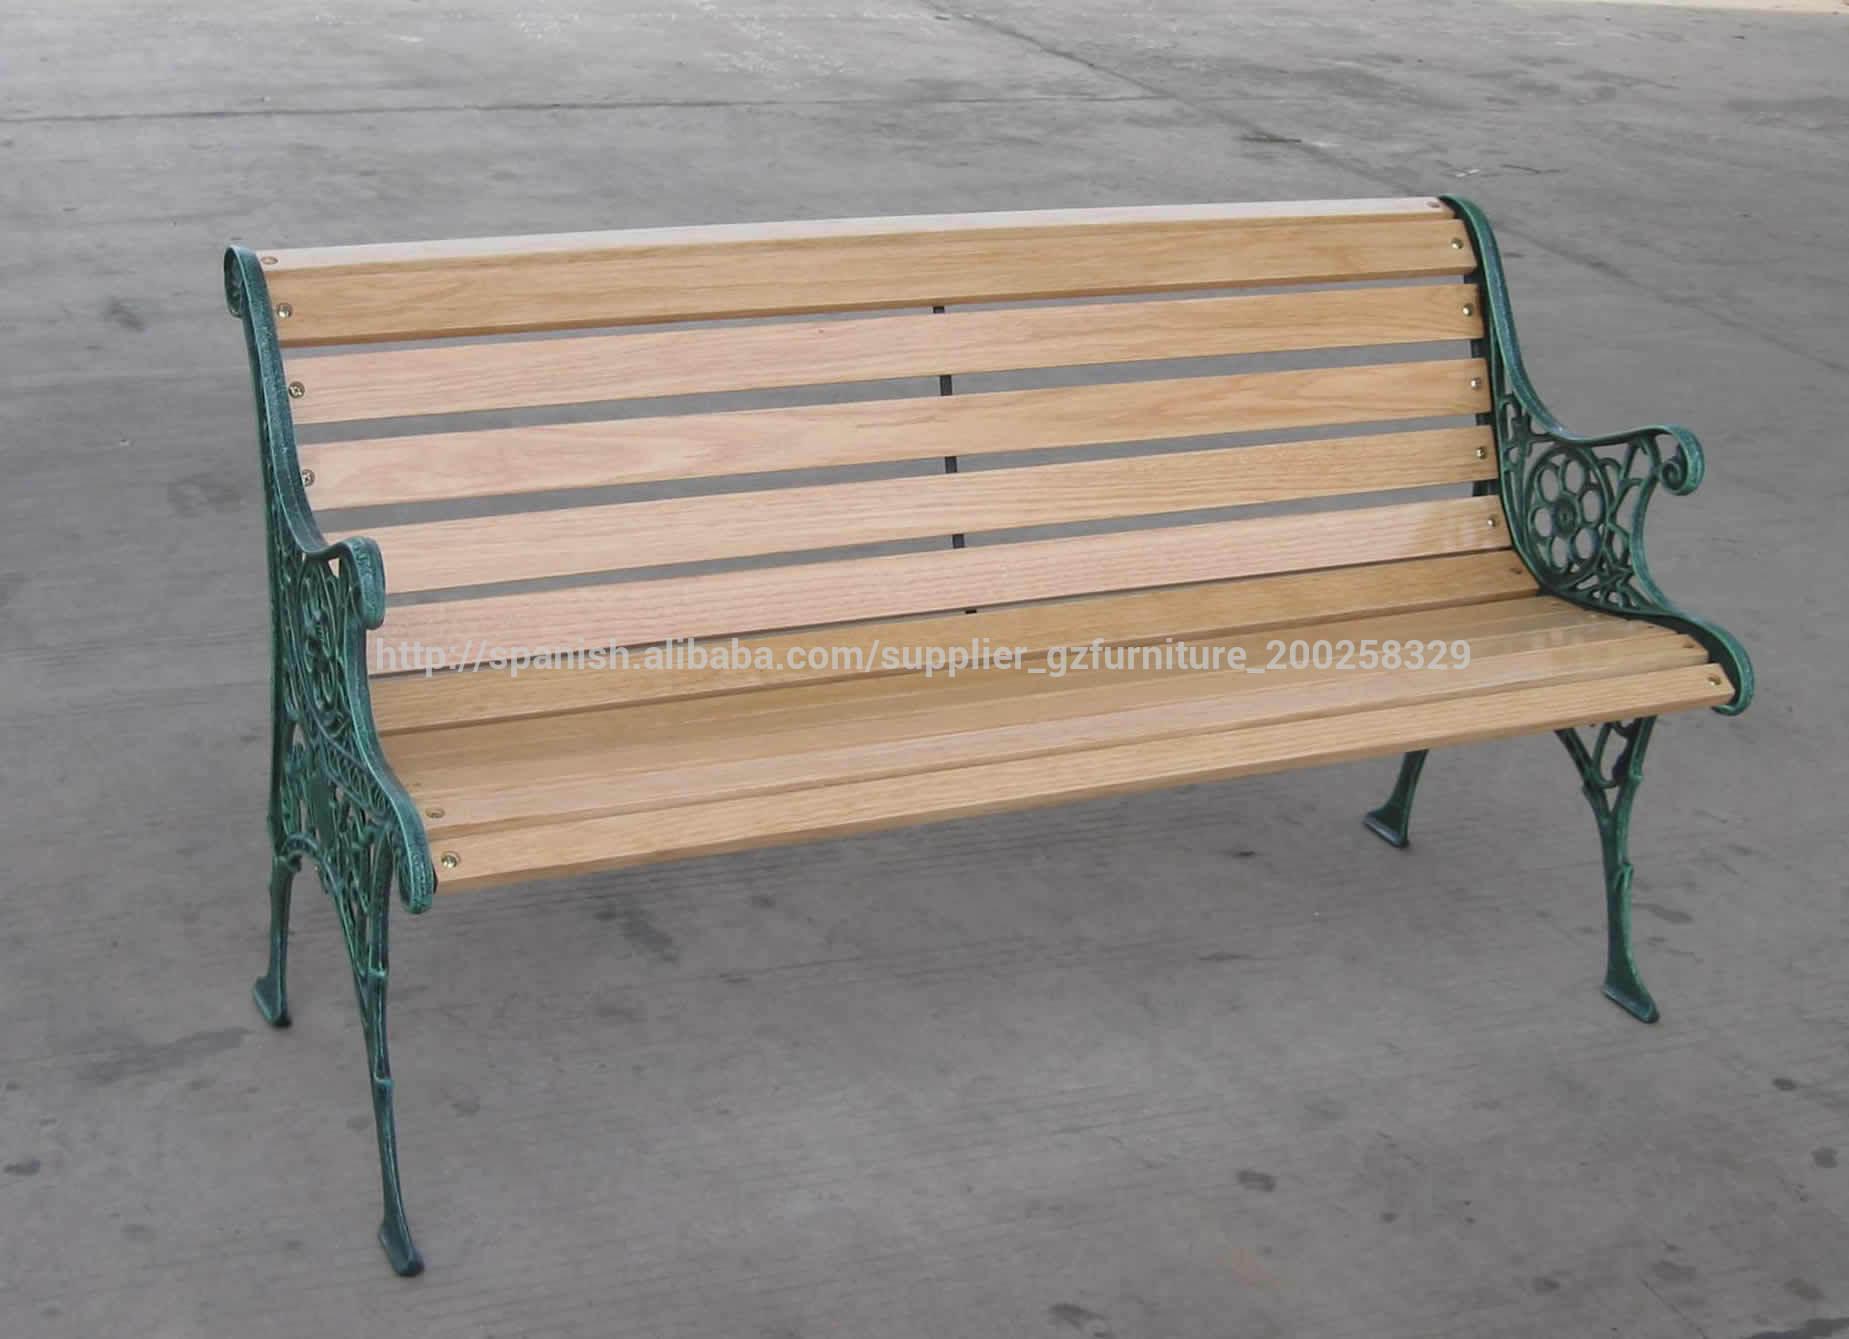 Dorable Banco De Madera Con Capacidad Para Muebles Ornamento ...